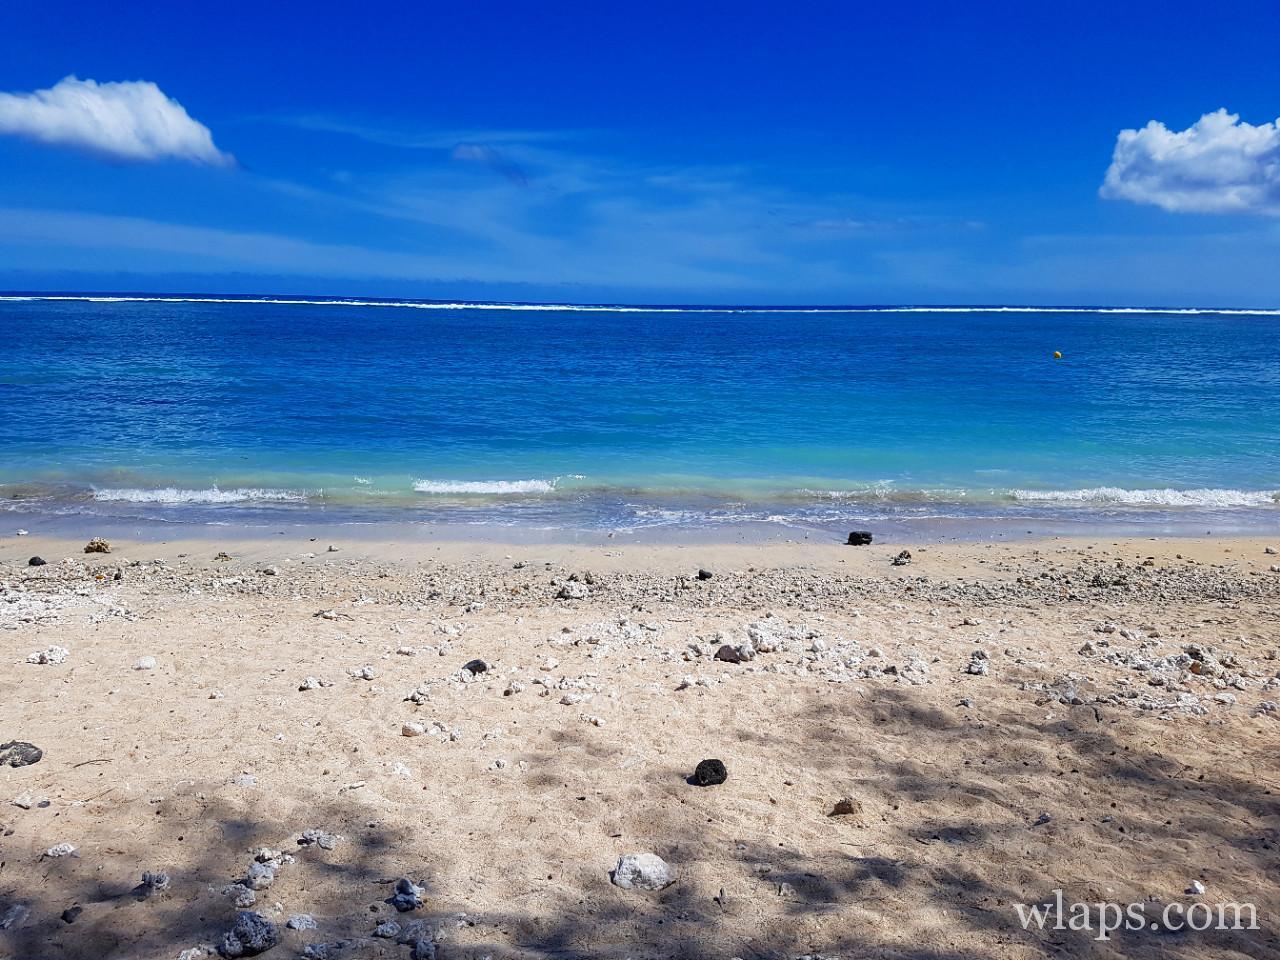 La Plage de Trou d'Eau à La Réunion